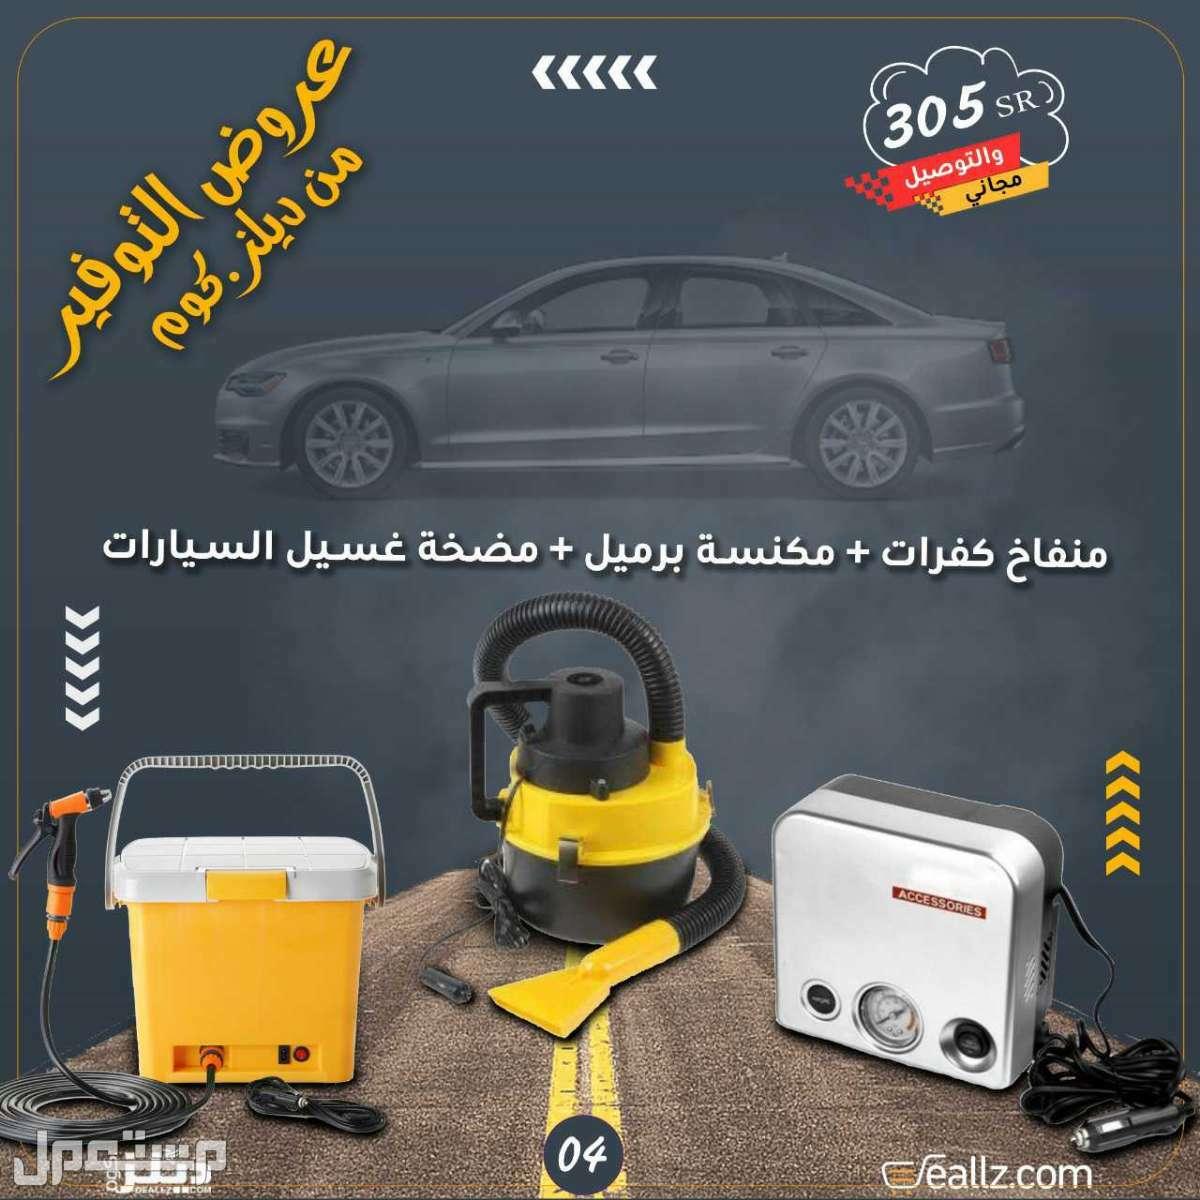 عرض منفاخ كفرات سيارة + مكنسة سيارة شكل برميل + مضخة غسيل السيارات رشاش